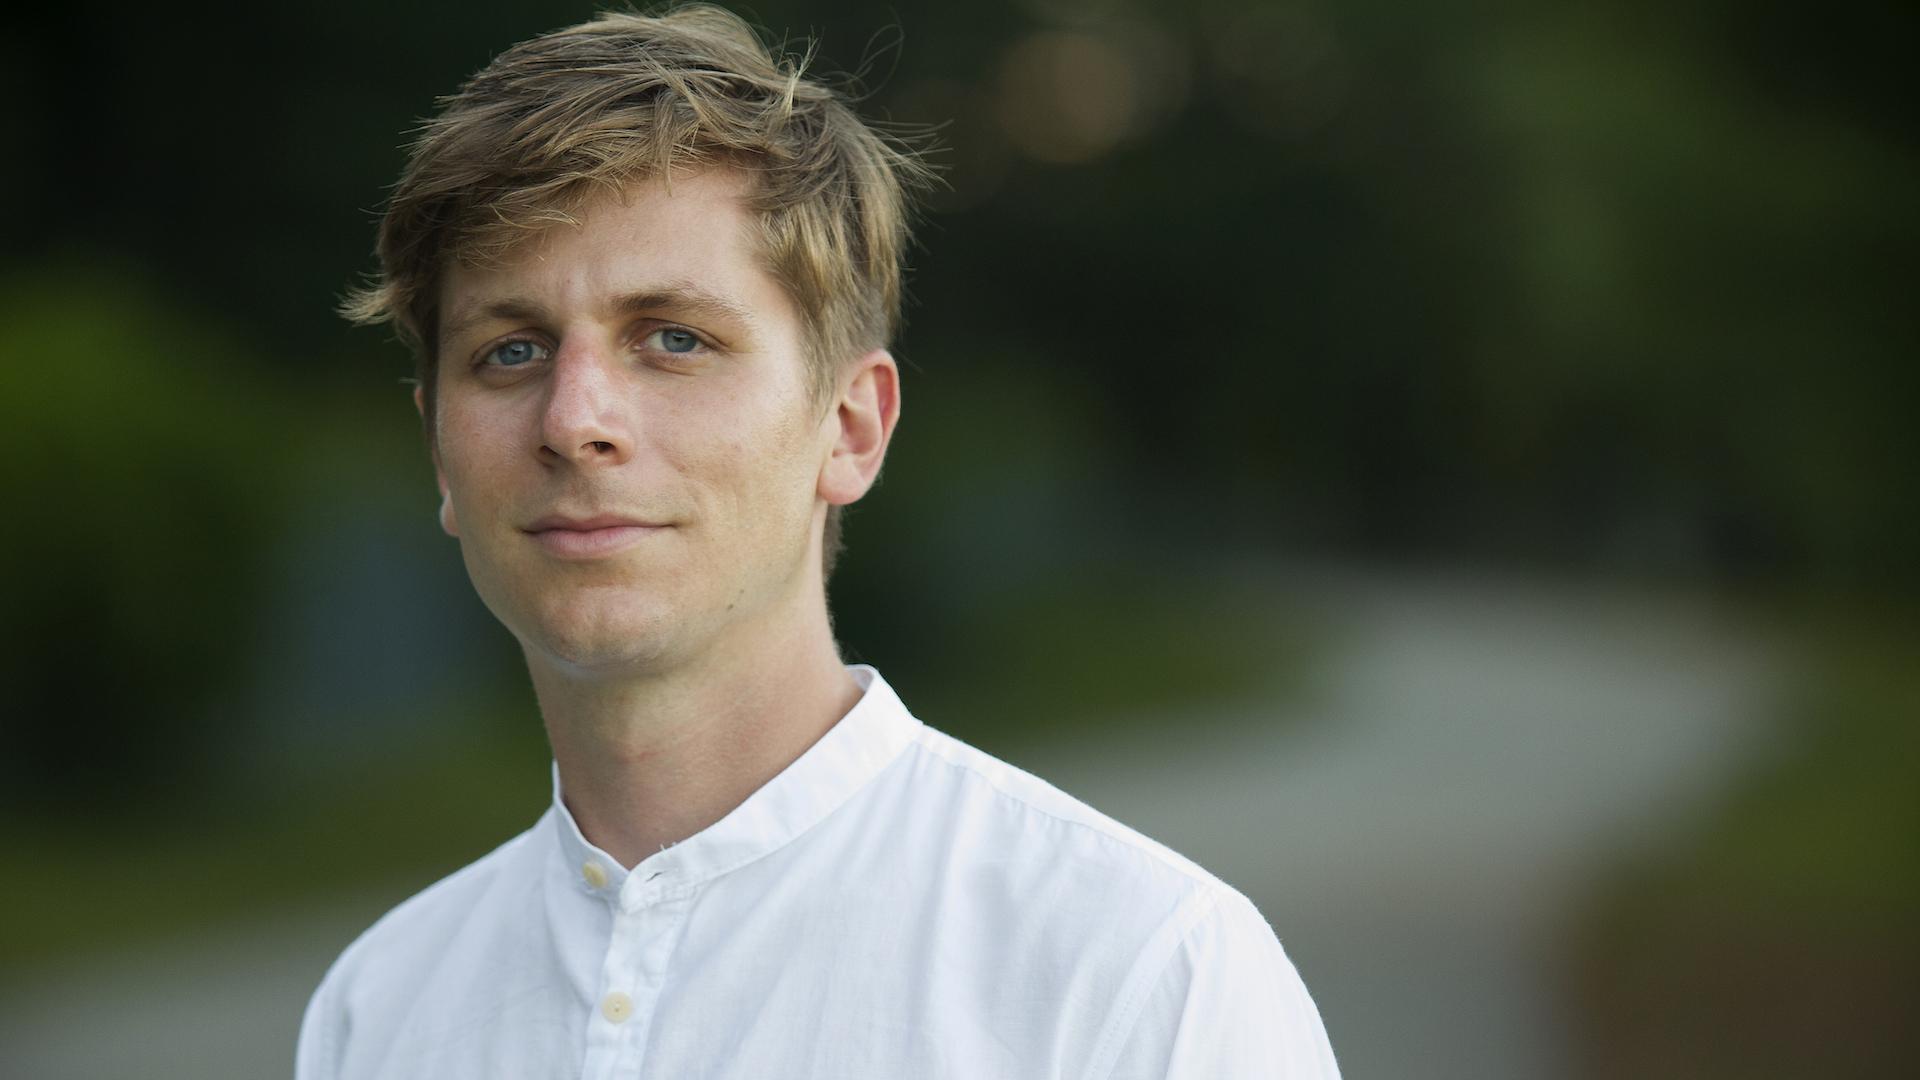 Portrait of Nathan Saucier